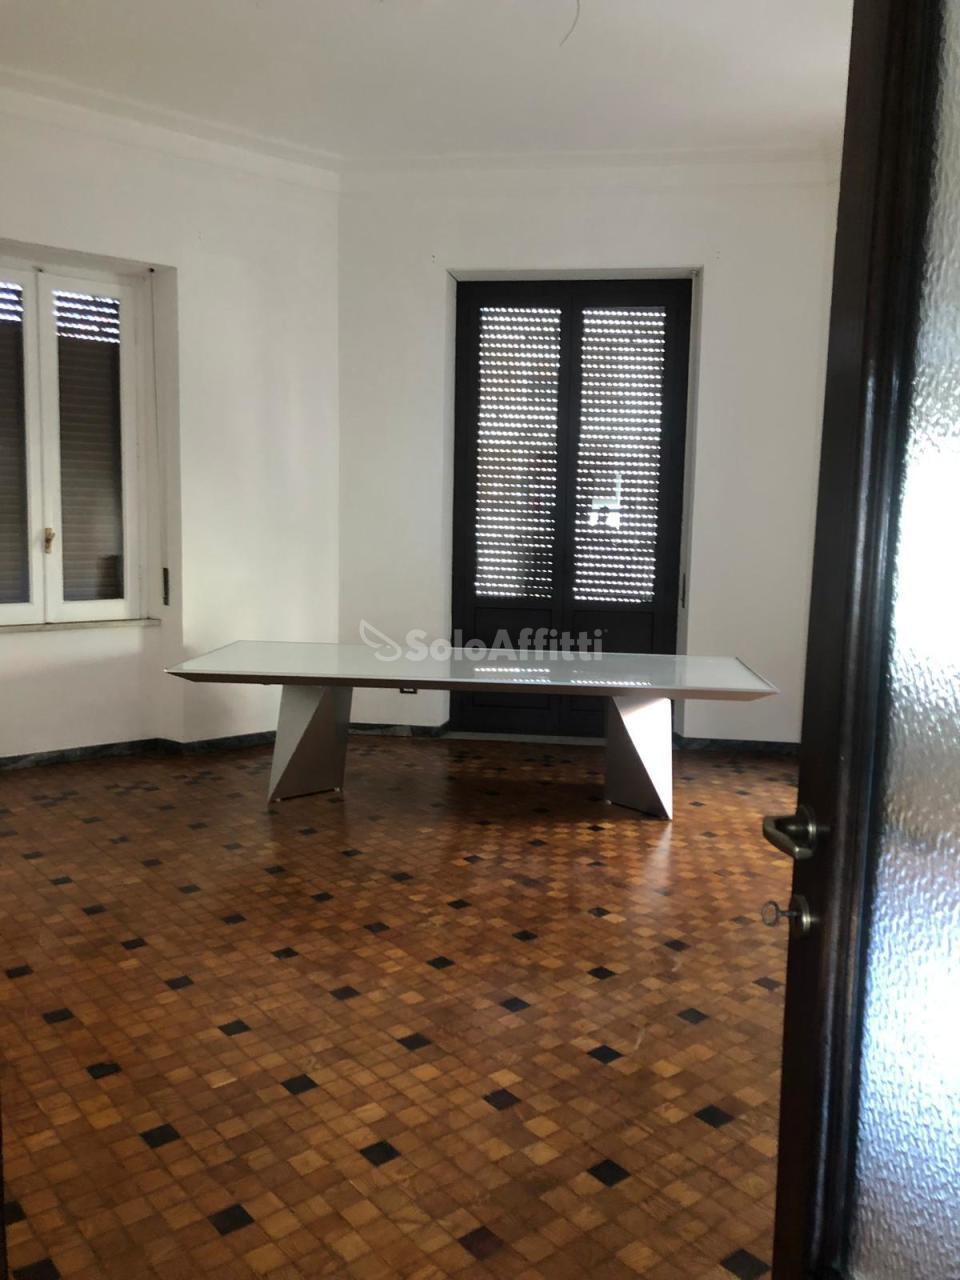 Ufficio - oltre 4 locali a Porta Nuova, Pescara Rif. 10889798